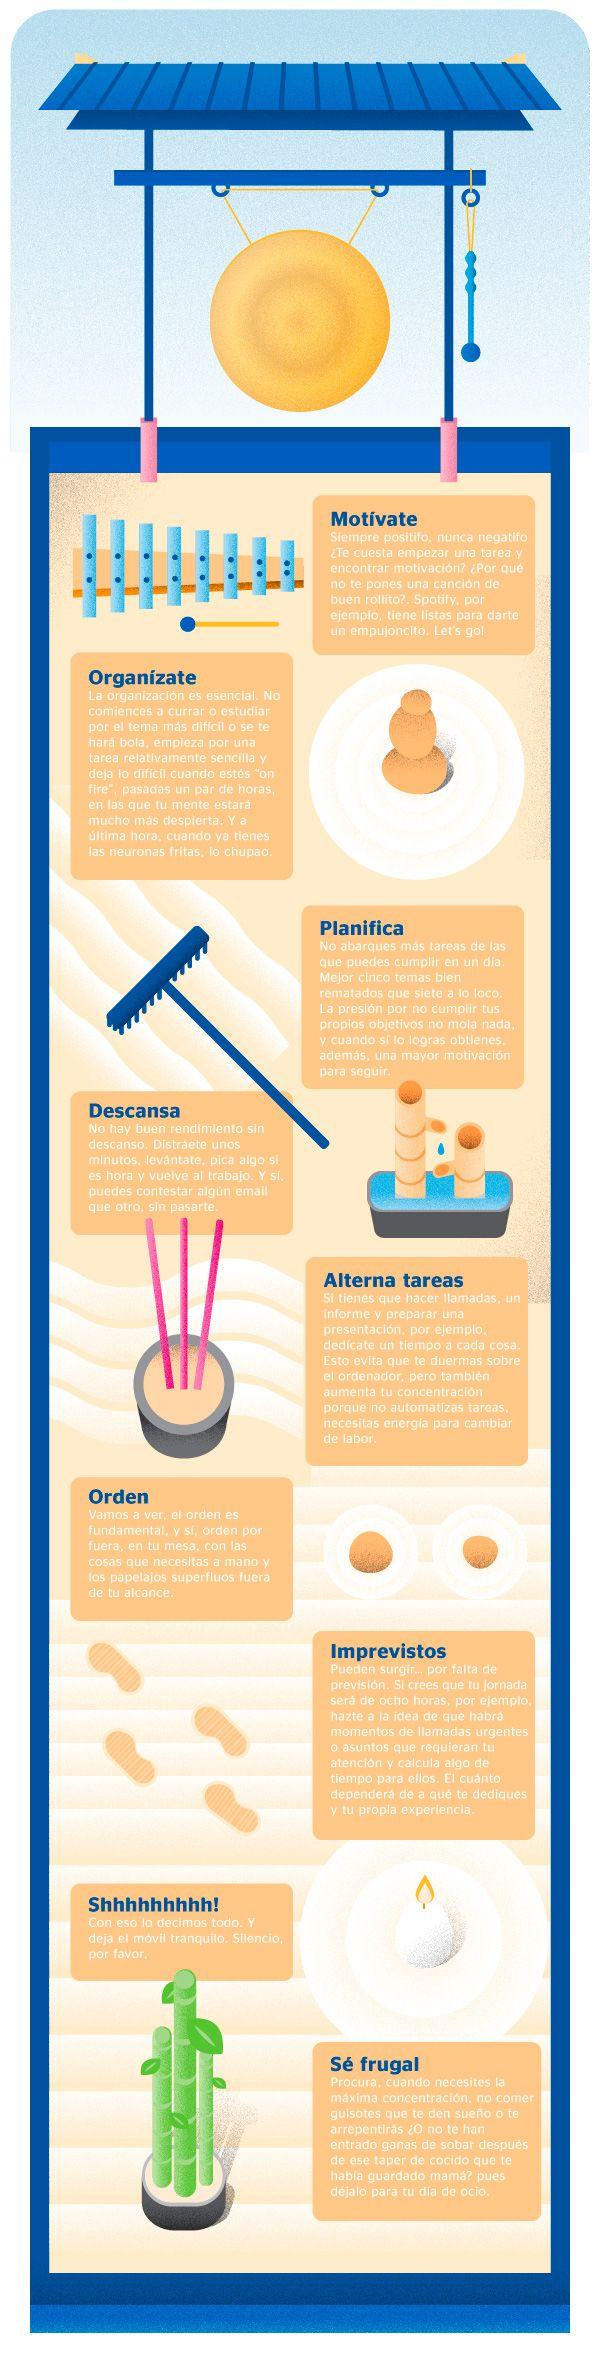 Concentración9TipsMejorarla-Infografía-BlogGesvin